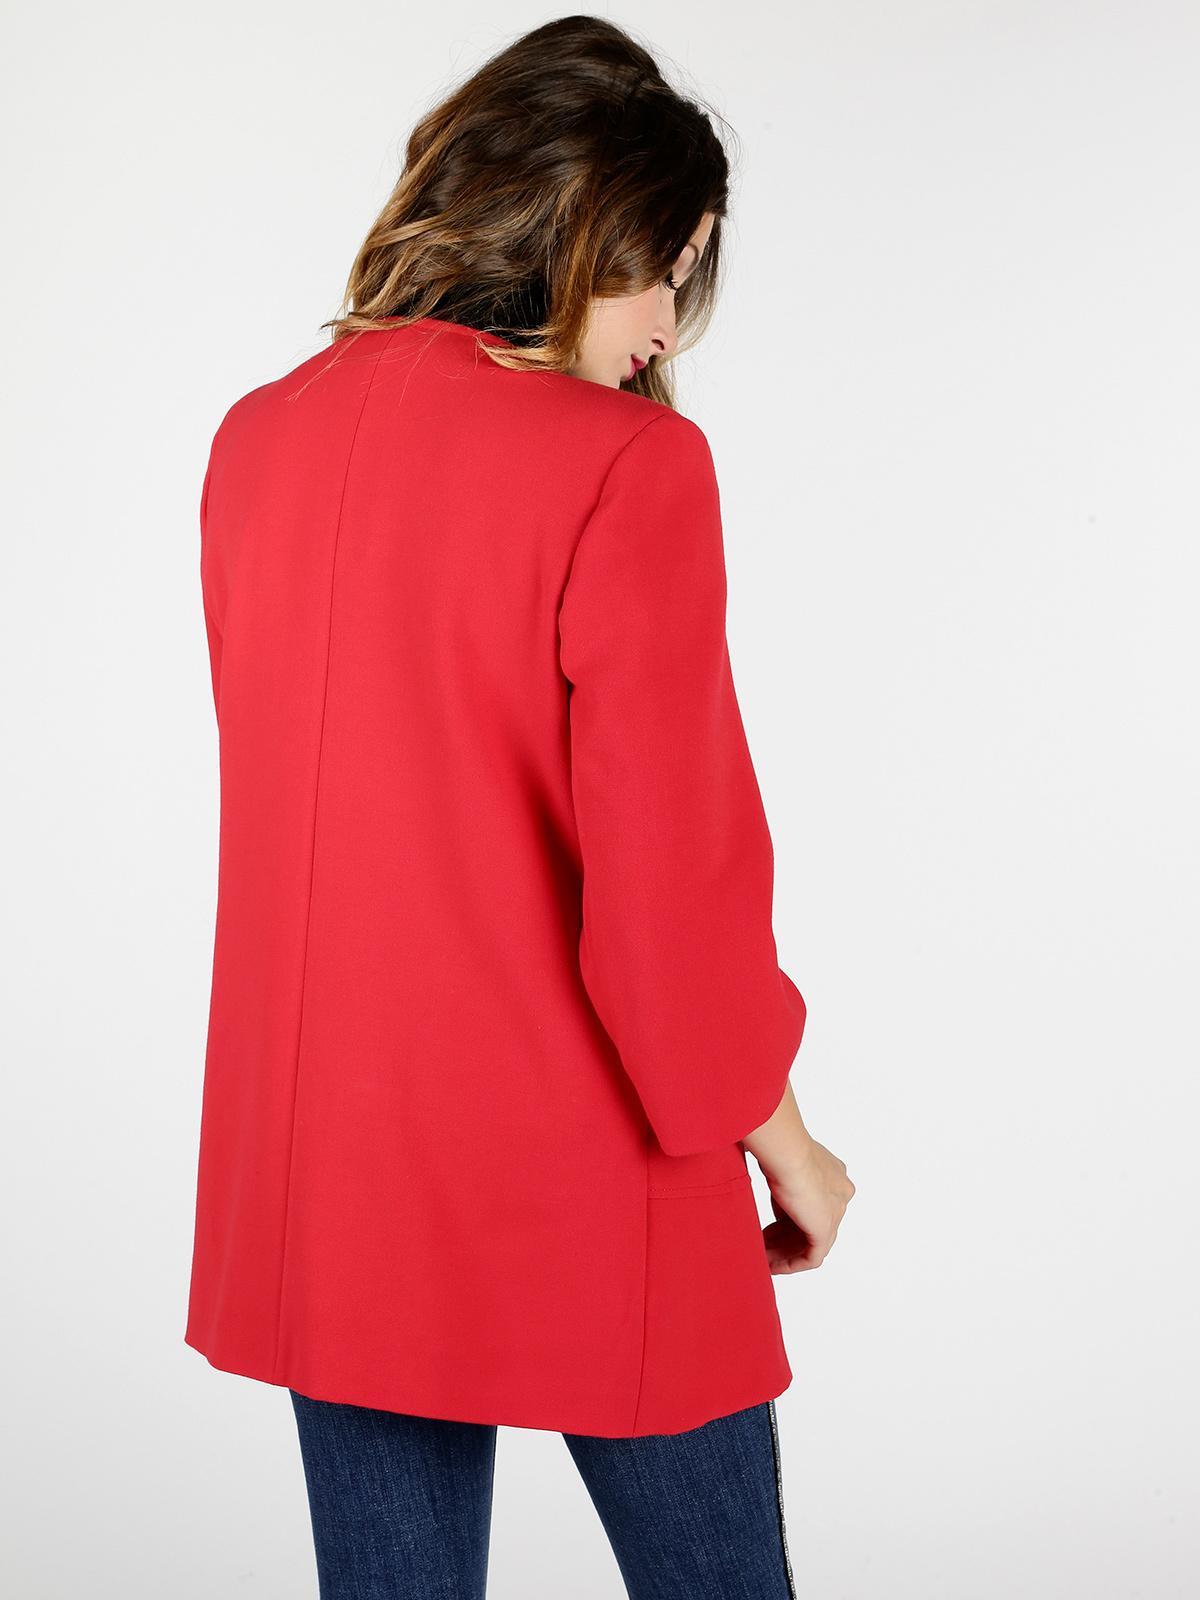 Cappotto rosso con cerniera graffio   MecShopping